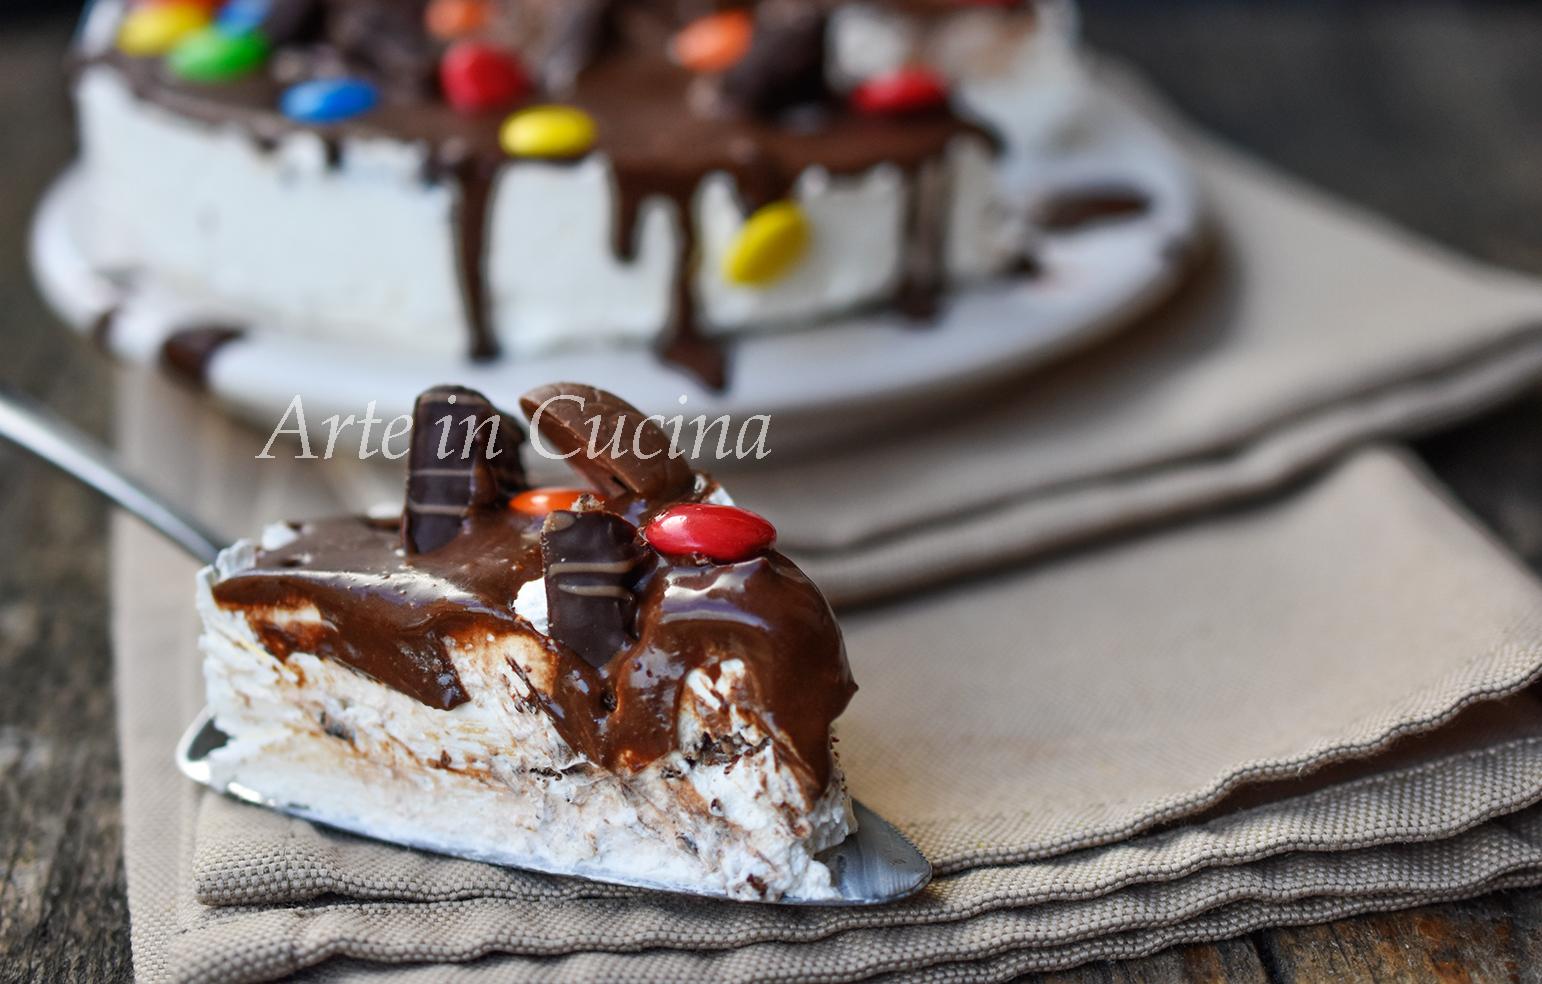 Cheesecake con biscotti al cioccolato vickyart arte in cucina